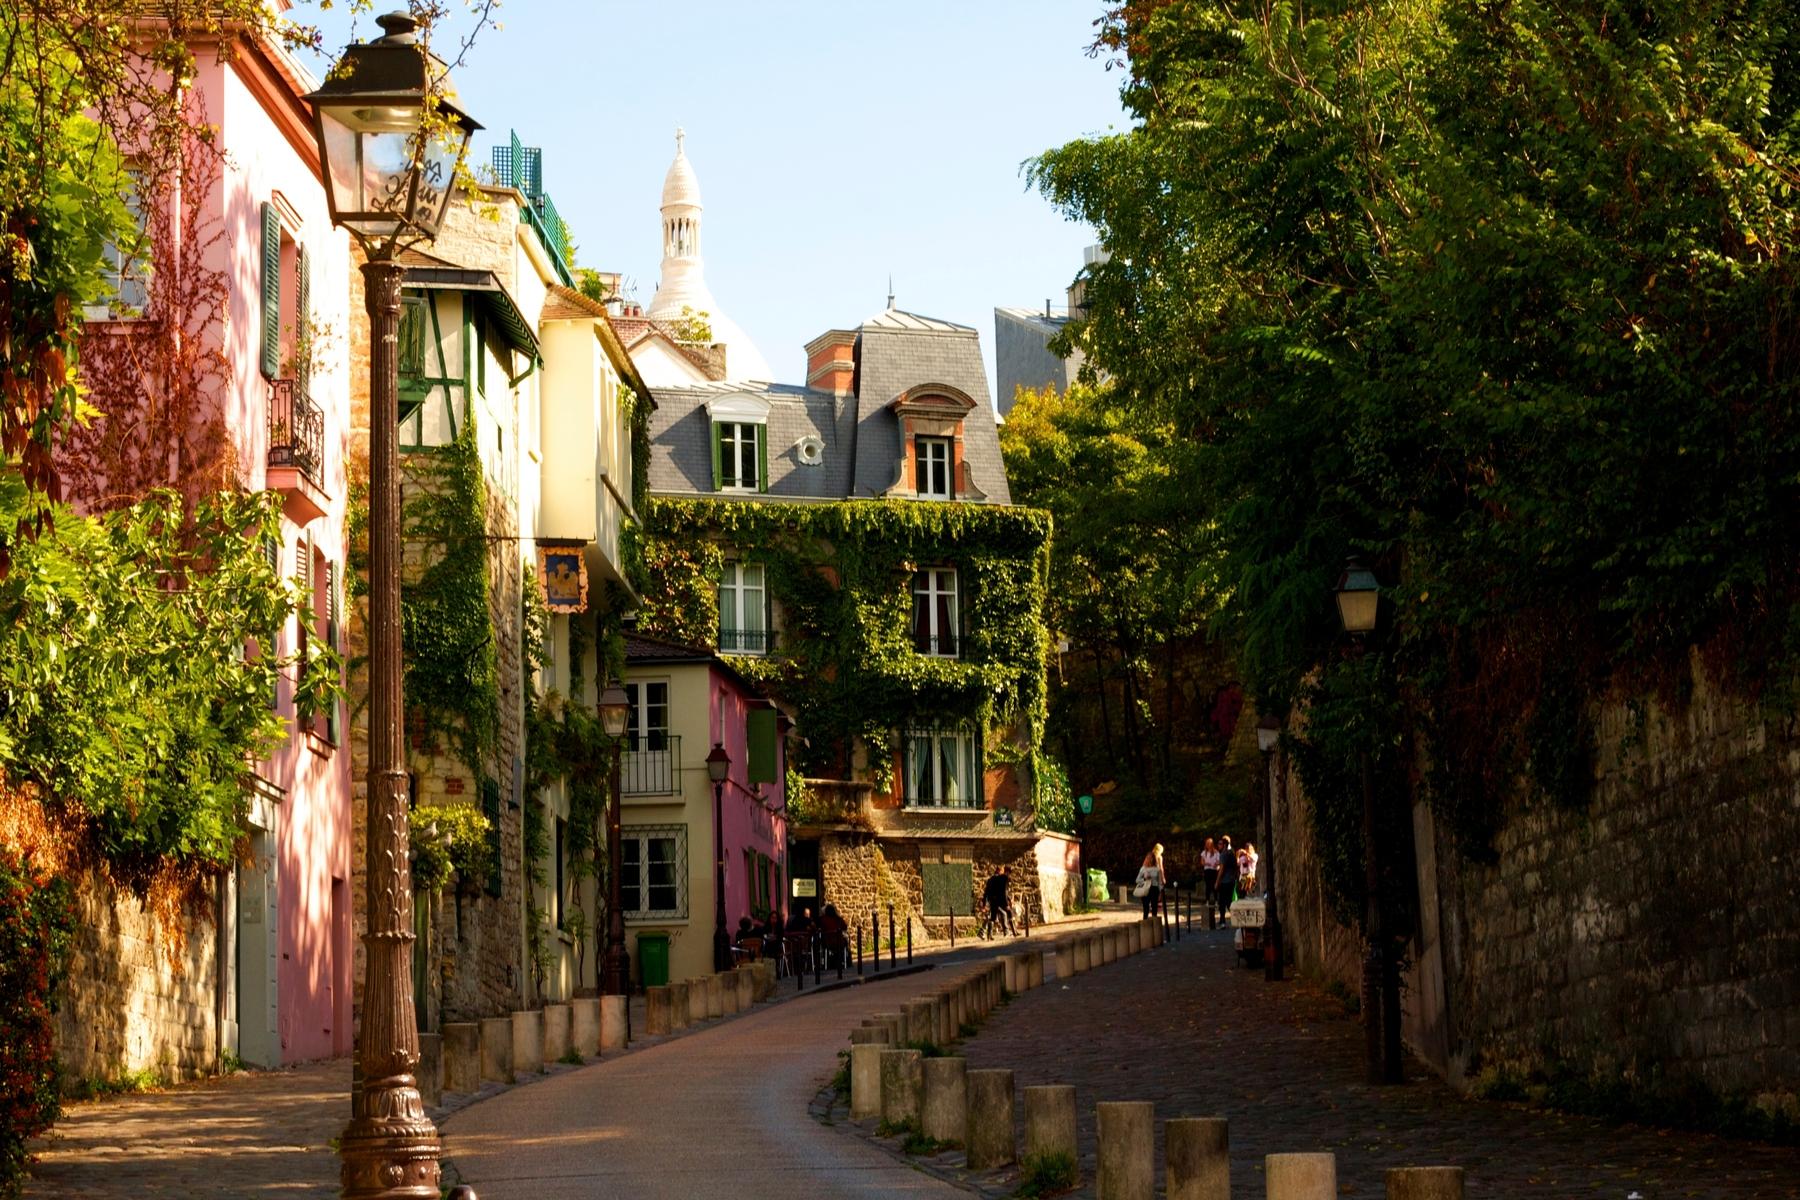 Każdy pretekst jest dobry, żeby odwiedzić Paryż. Przerwa świąteczna też.